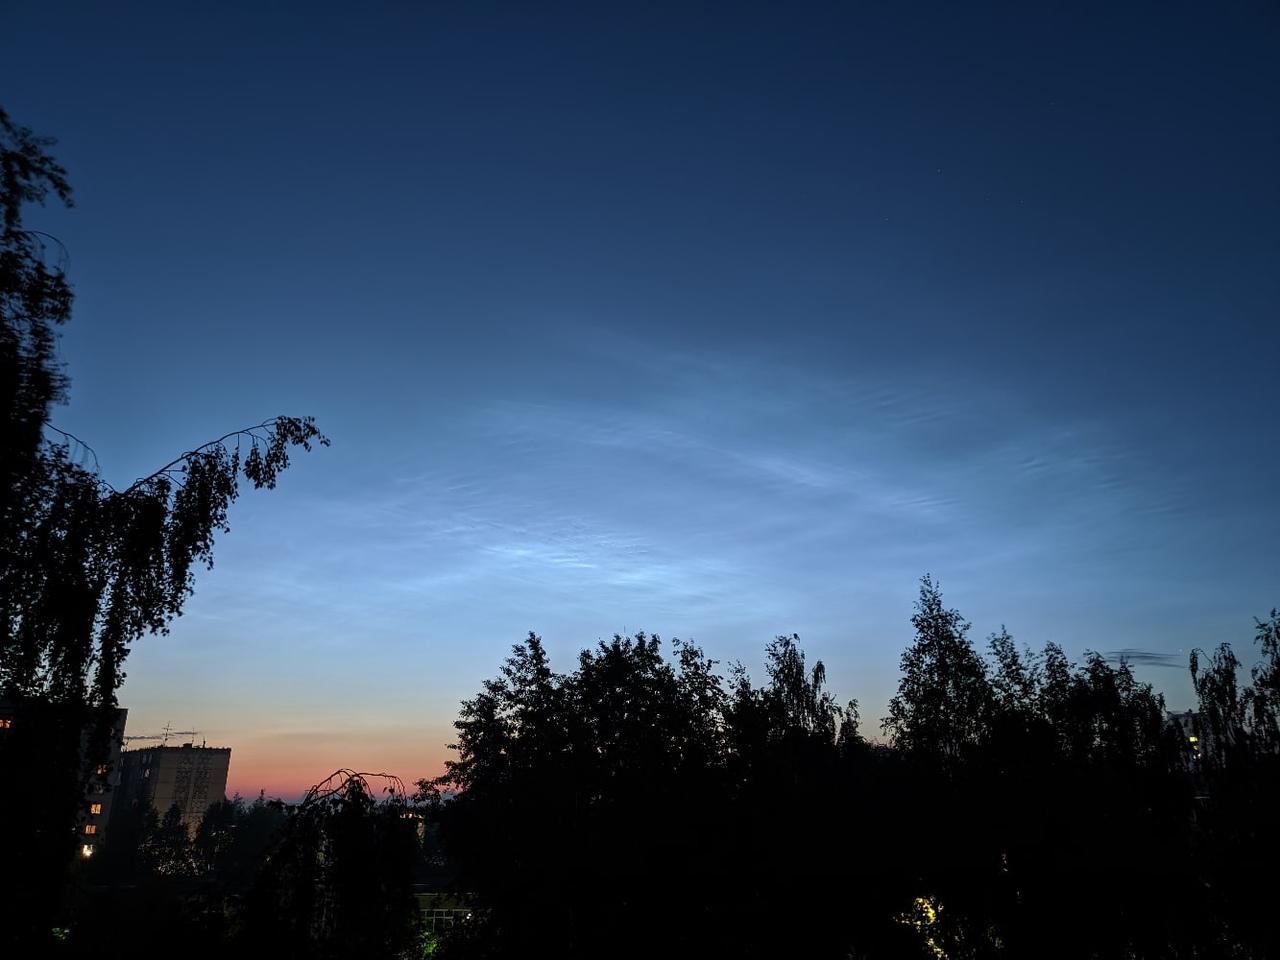 Жители Кирова сфотографировали серебристые облака